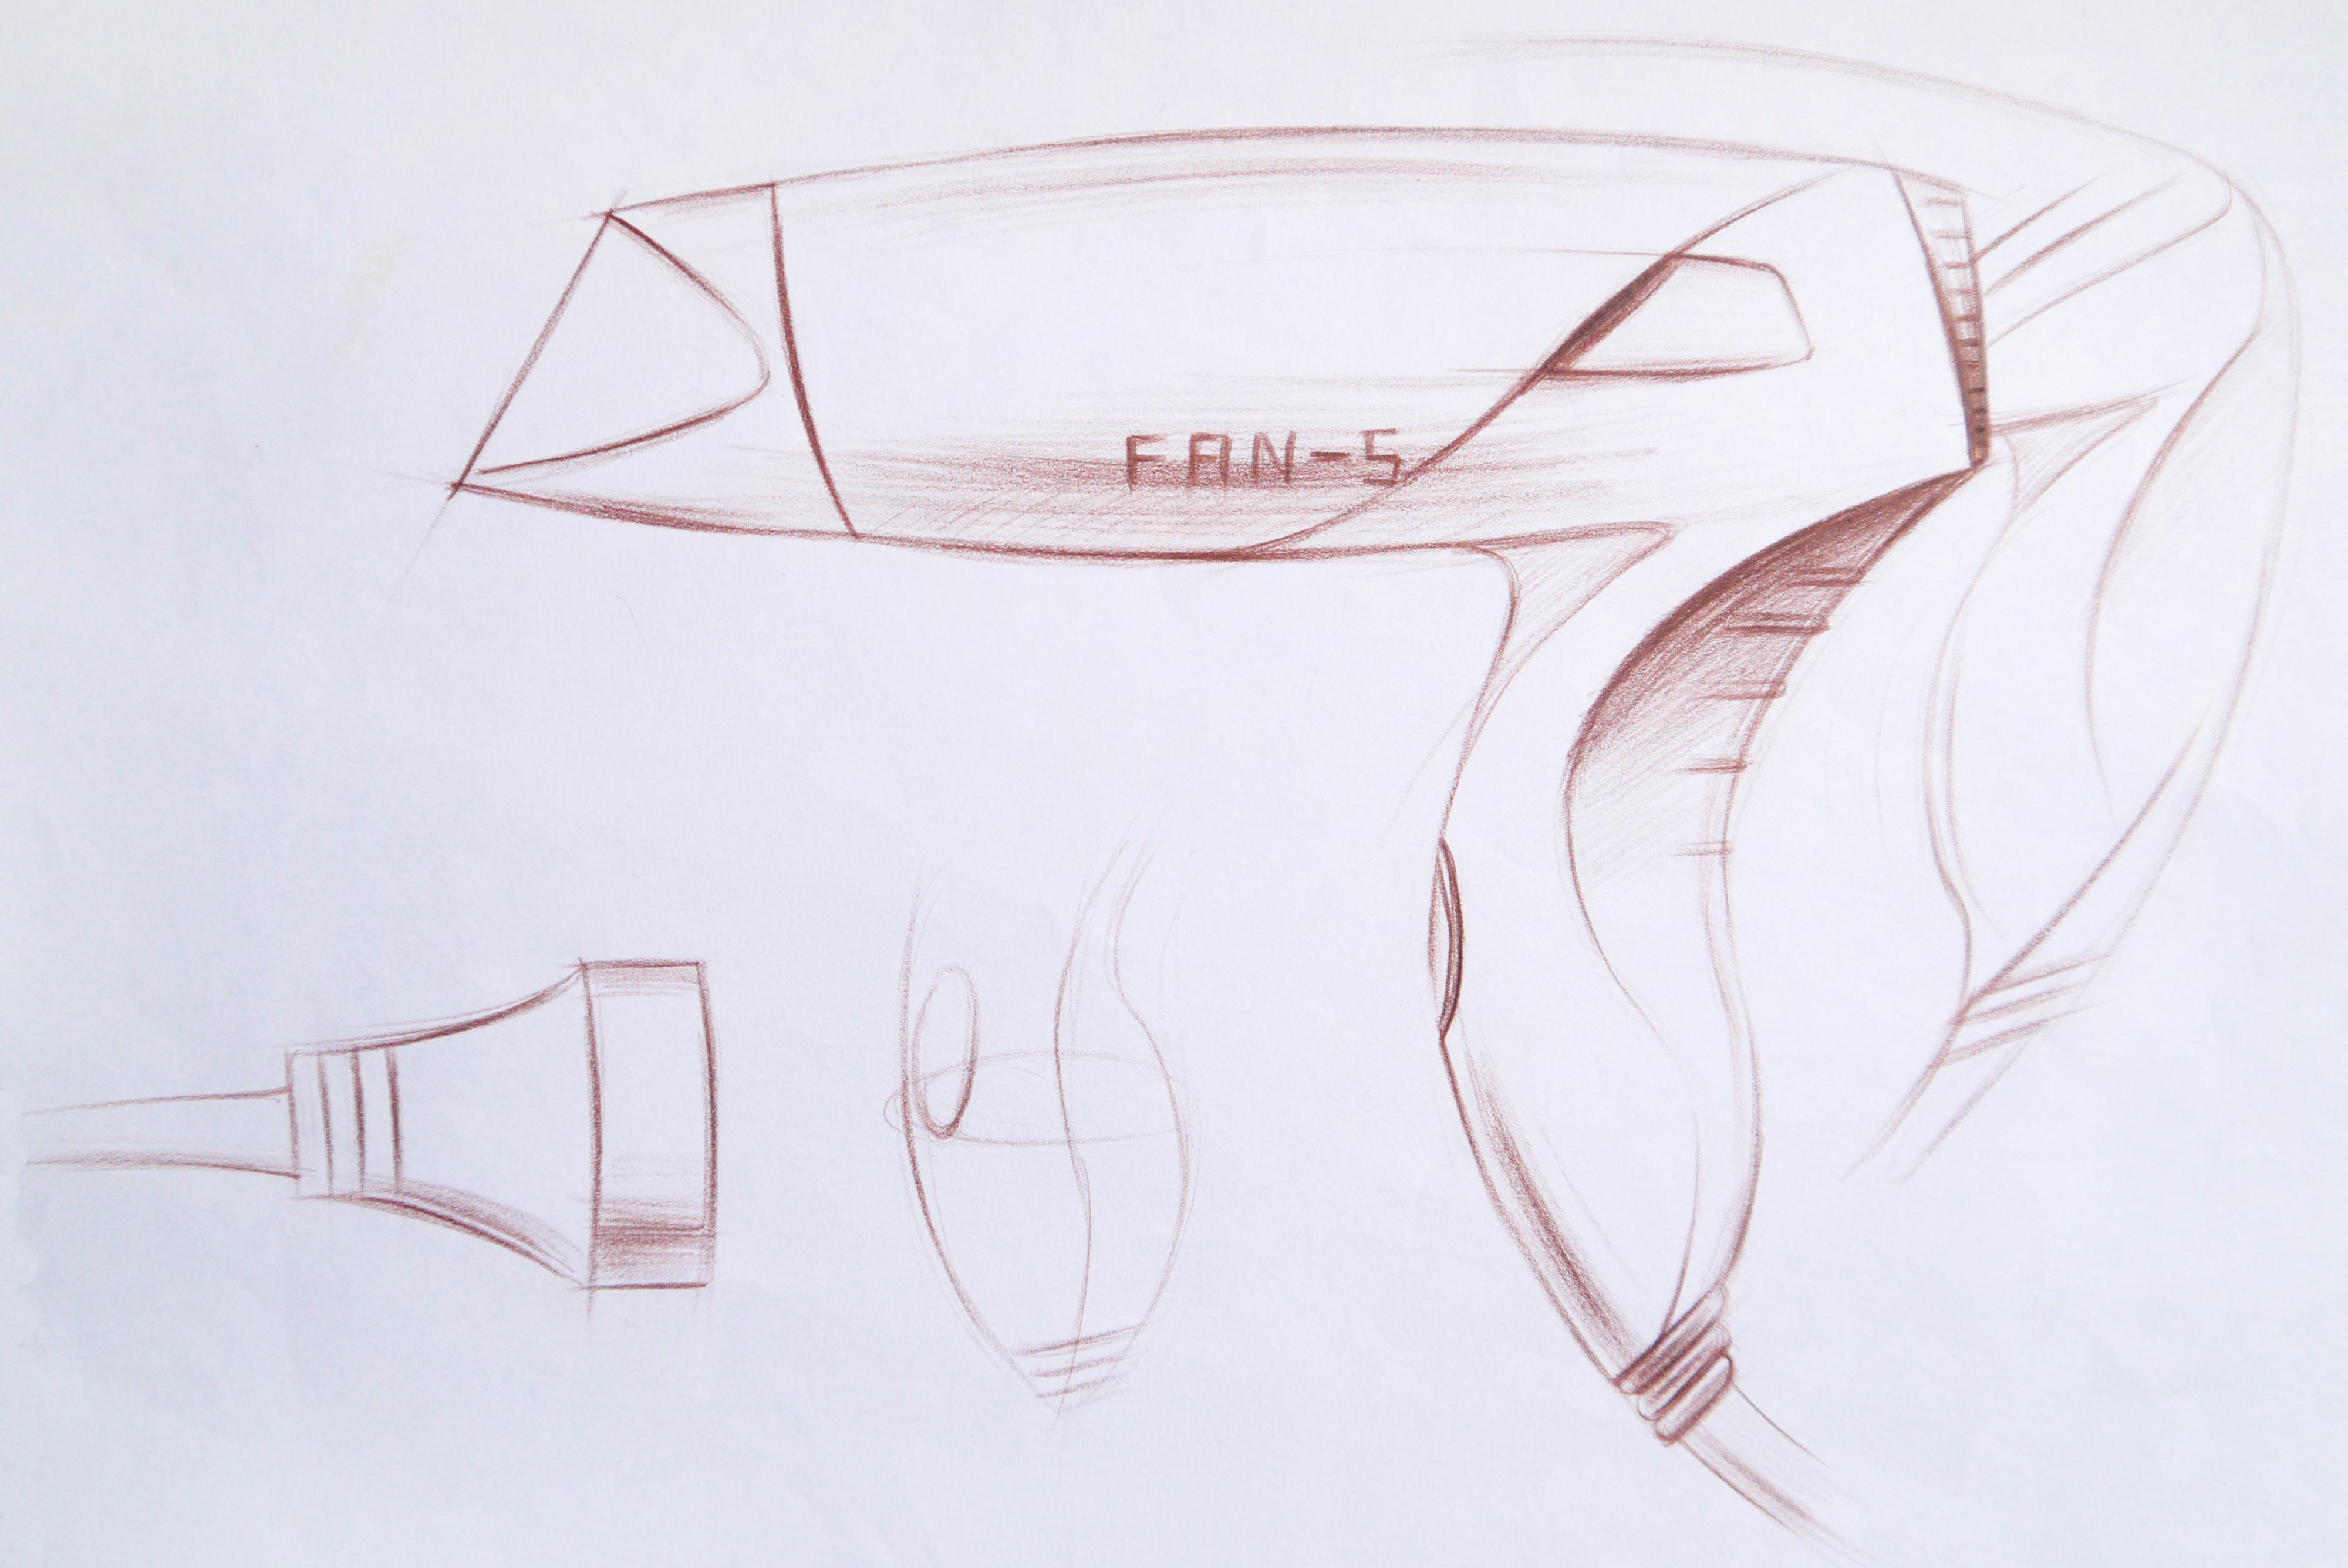 【设计手绘】彩铅手绘效果图|工业/产品|电子产品